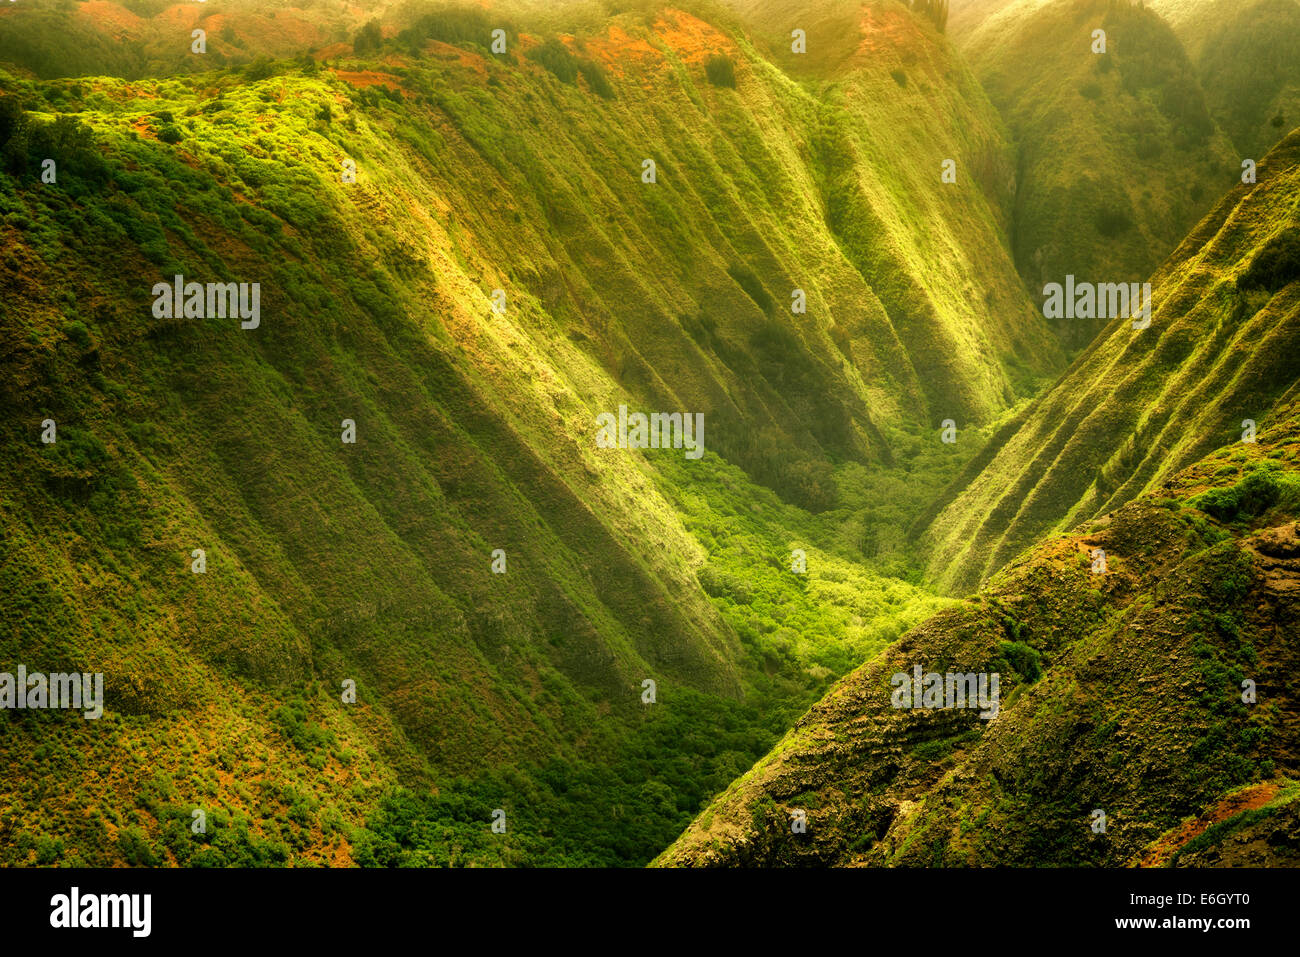 Maunalei Valle pezzata con luce. Lanai, Hawaii. Immagini Stock